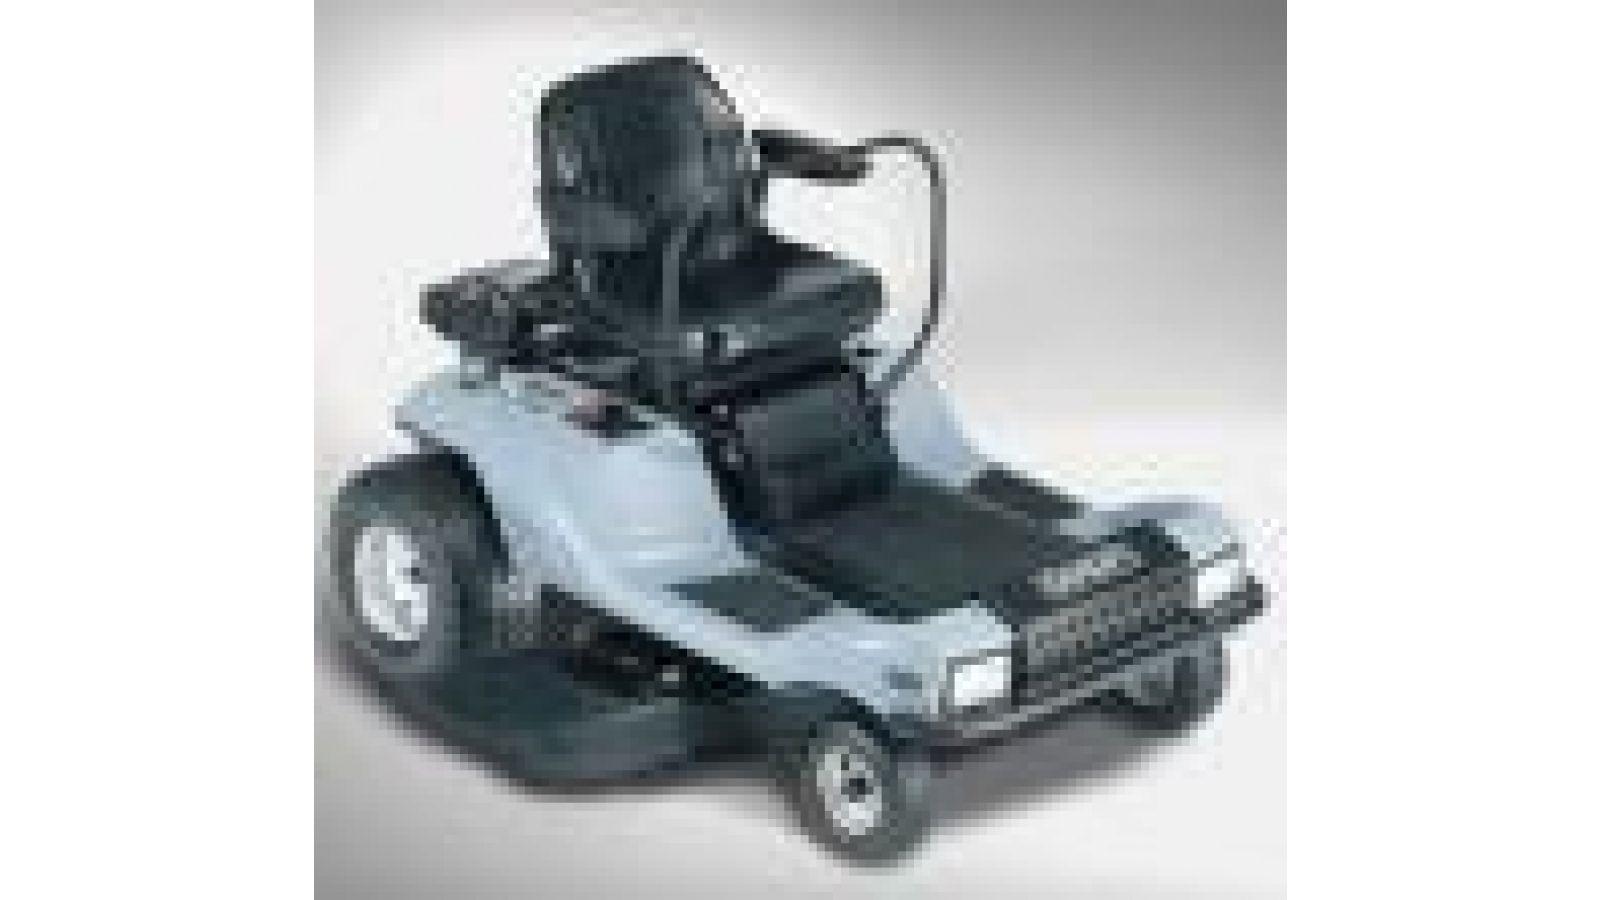 Riding Mower ZTR 4000